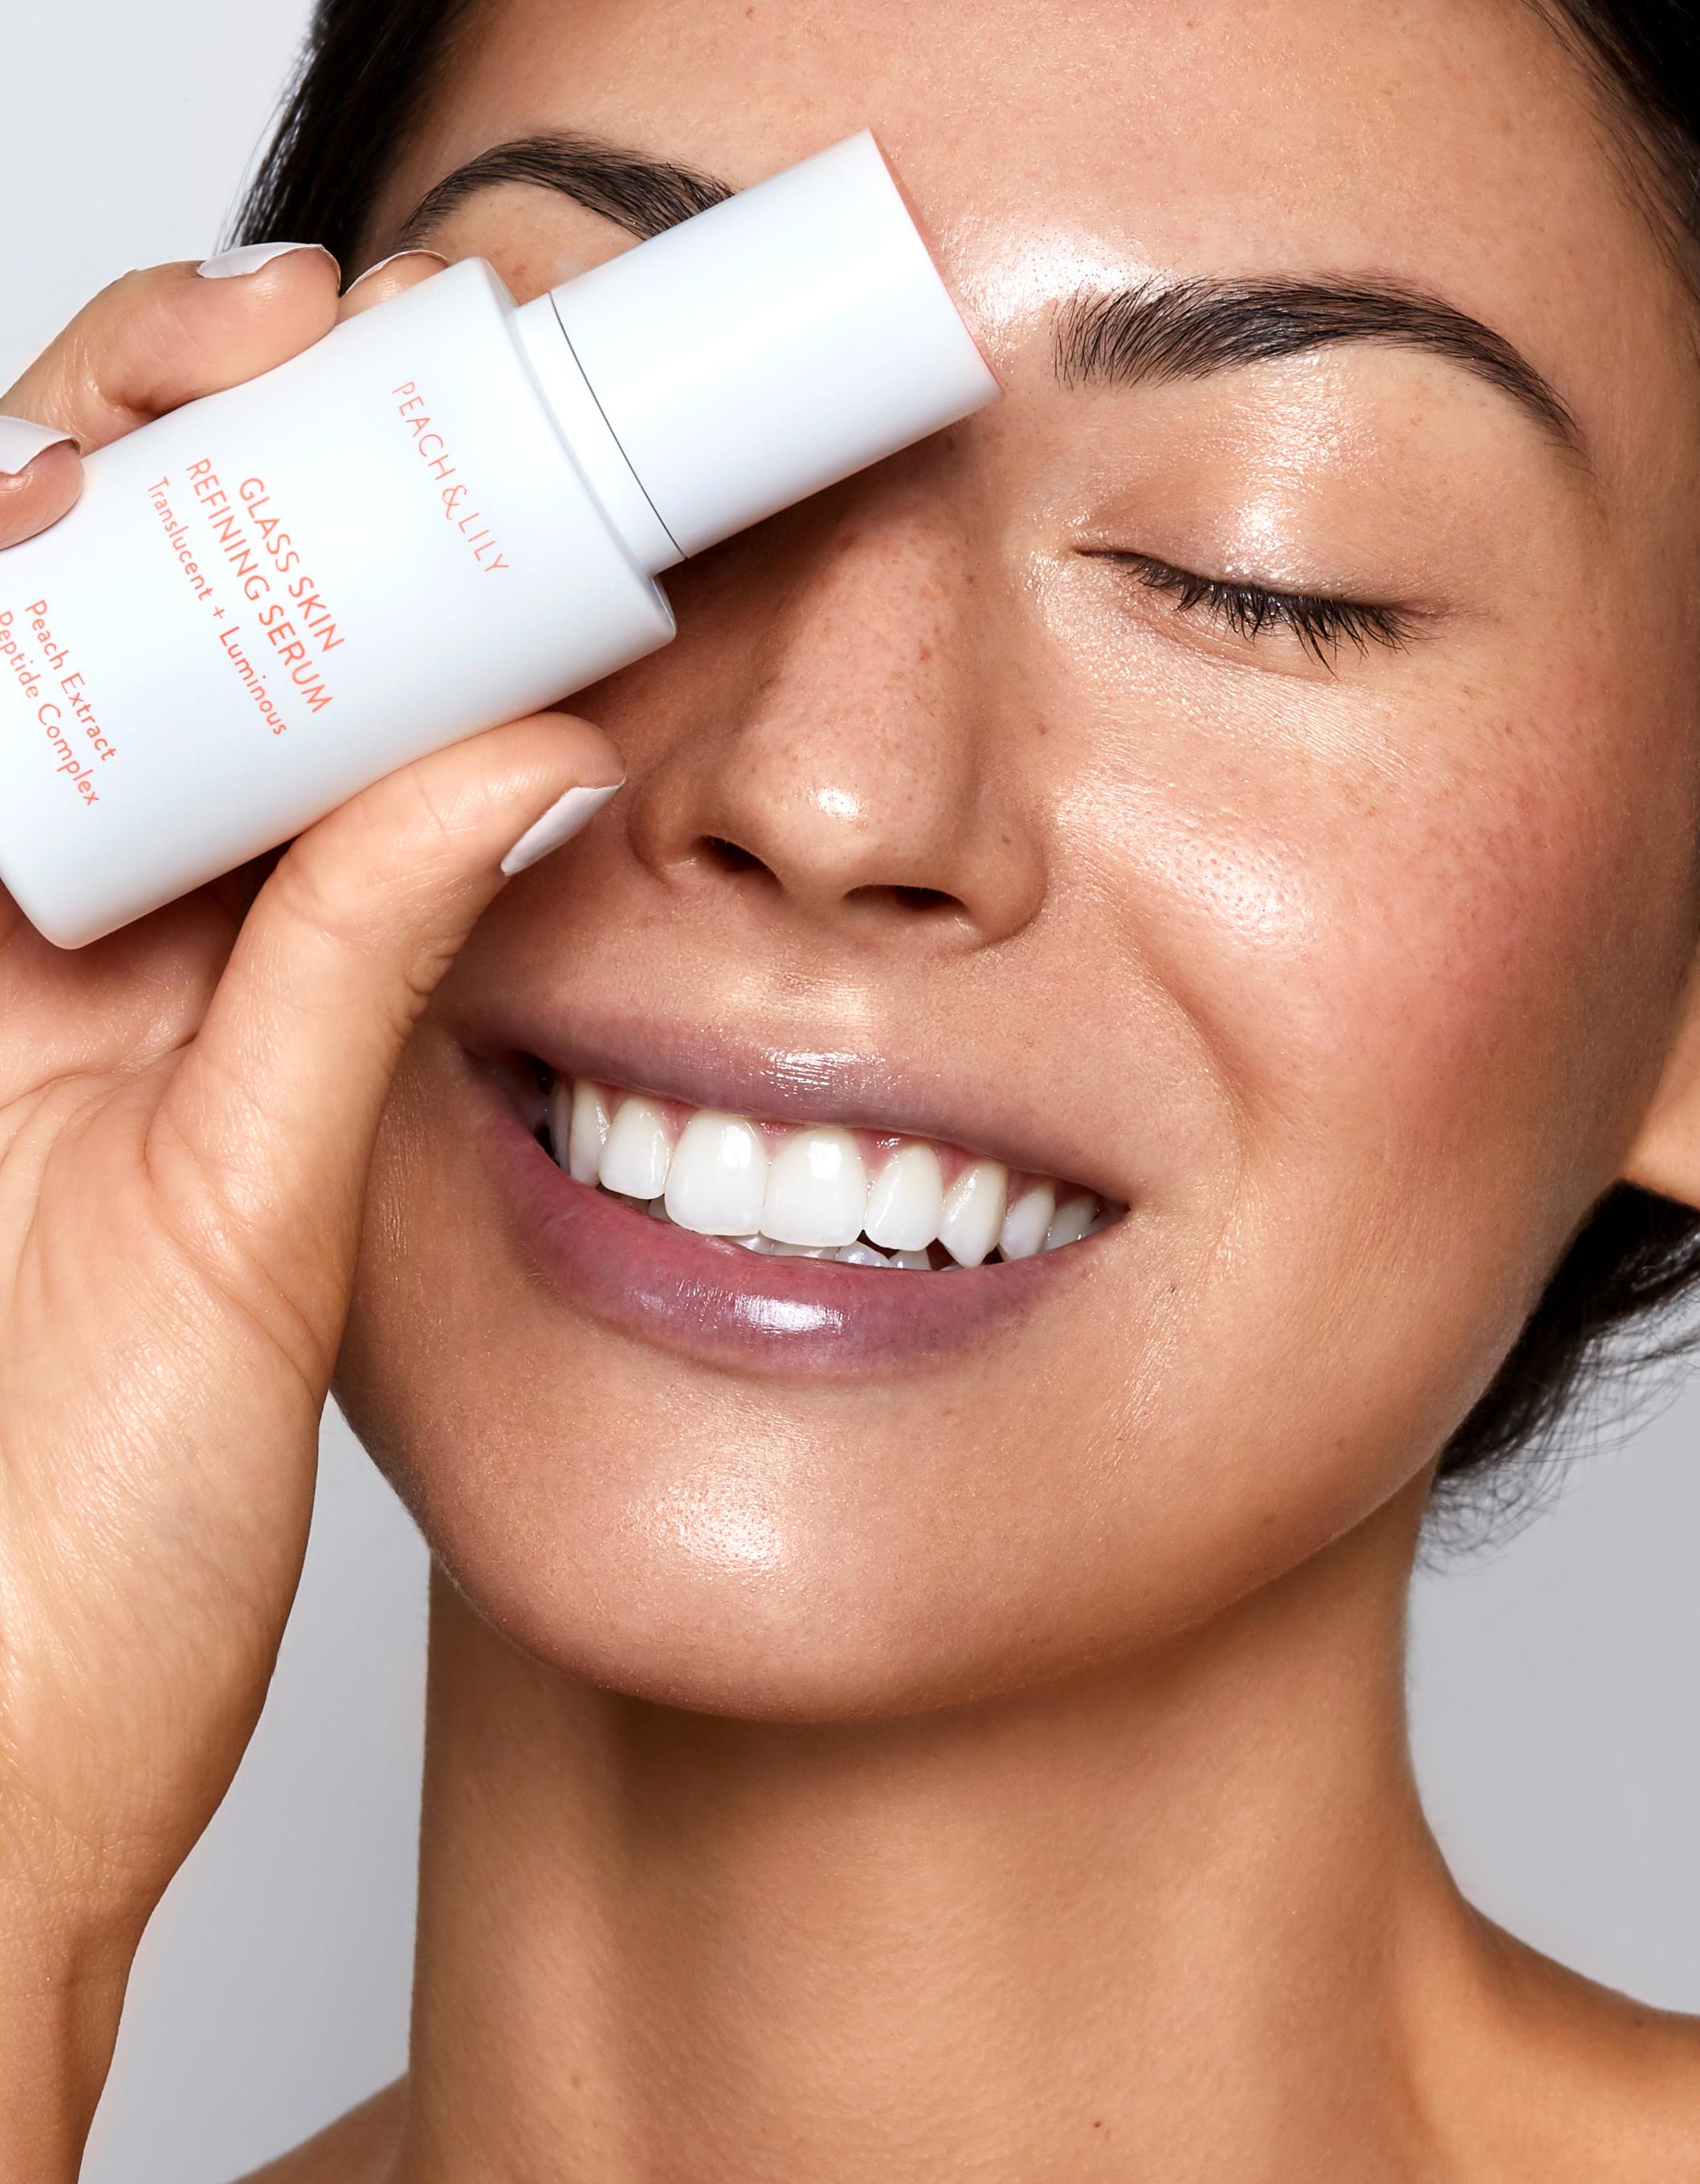 Skincare11364Dec 13 2020